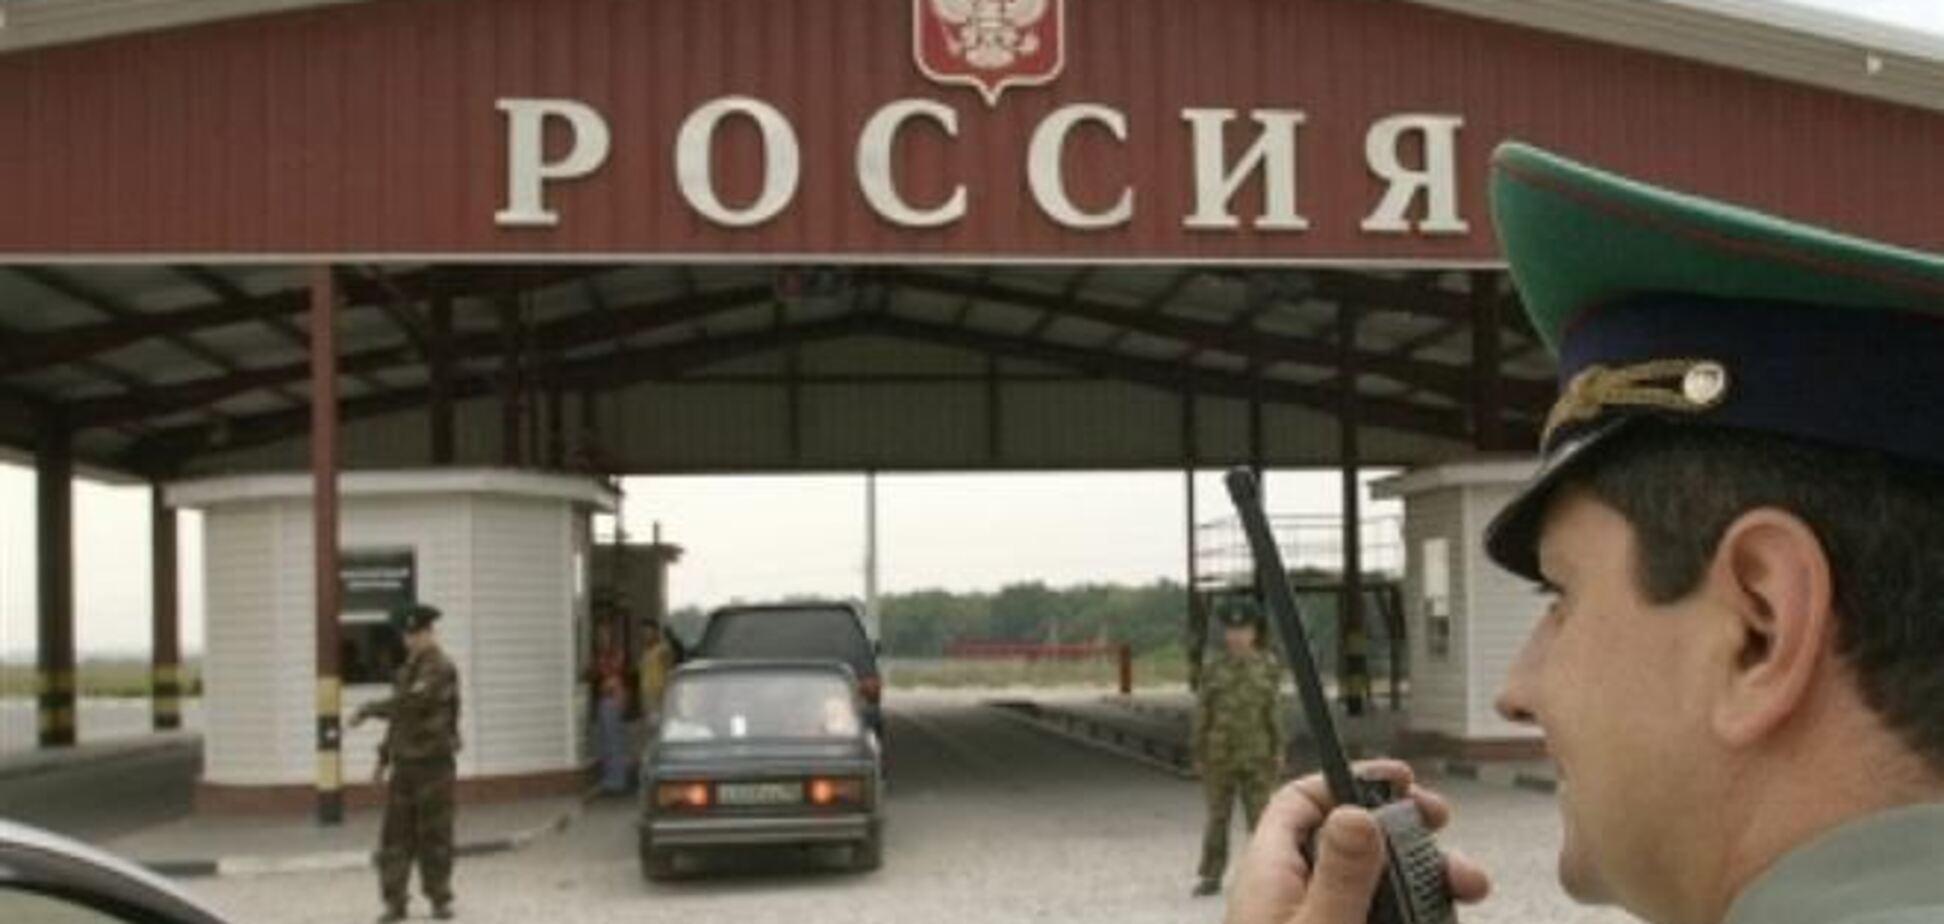 Прикордонники вилучили у громадянина РФ пристрій для негласного збору інформації